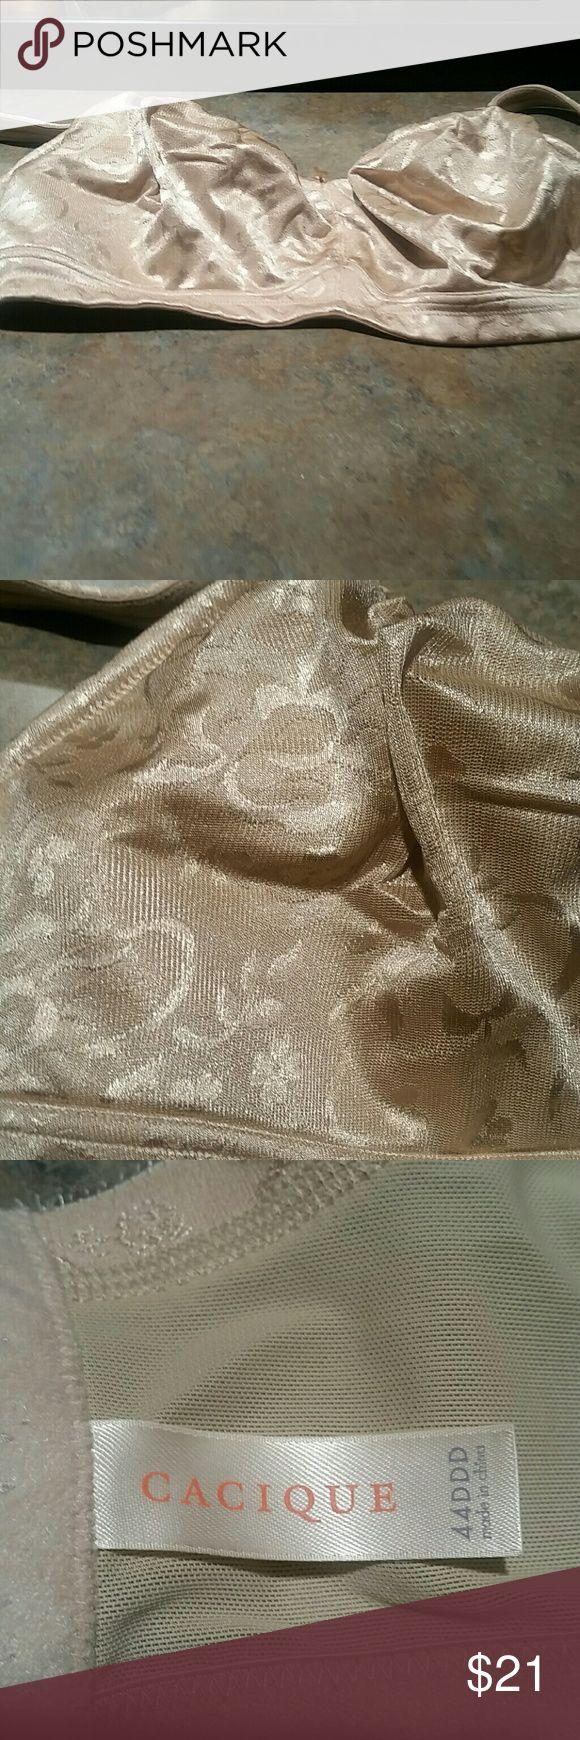 Bra by Cacique Size 44 DDD nice bra by Cacique Cacique Intimates & Sleepwear Bras